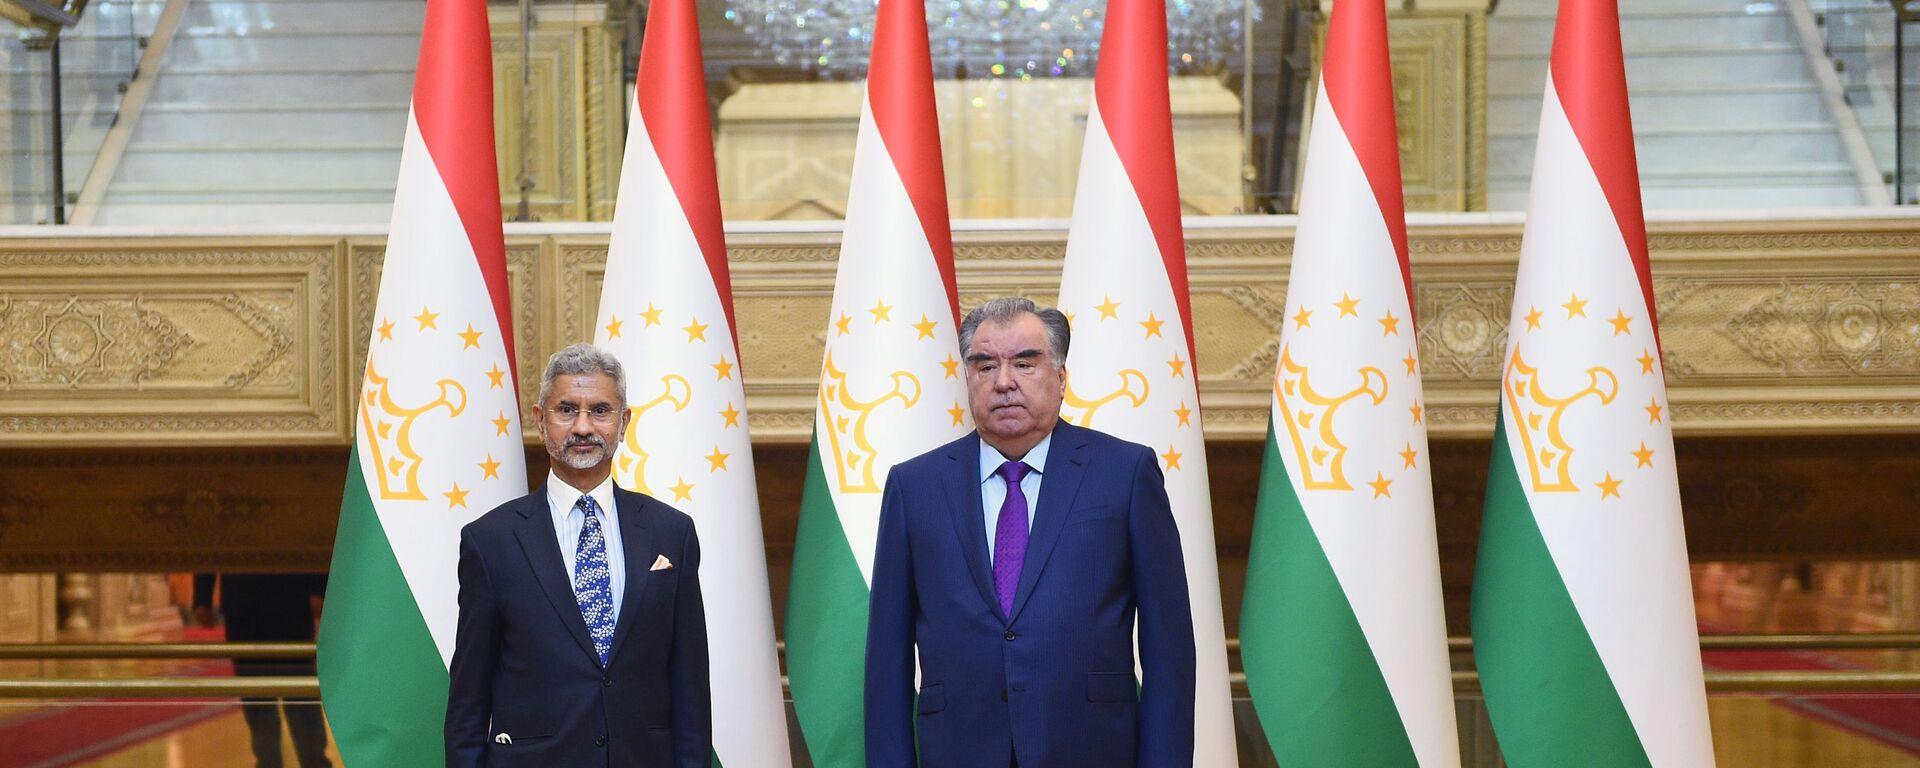 Встреча с Министром иностранных дел Республики Индия Субрахманиямом Джайшанкаром с Эмомали Рахмоном - Sputnik Таджикистан, 1920, 31.03.2021